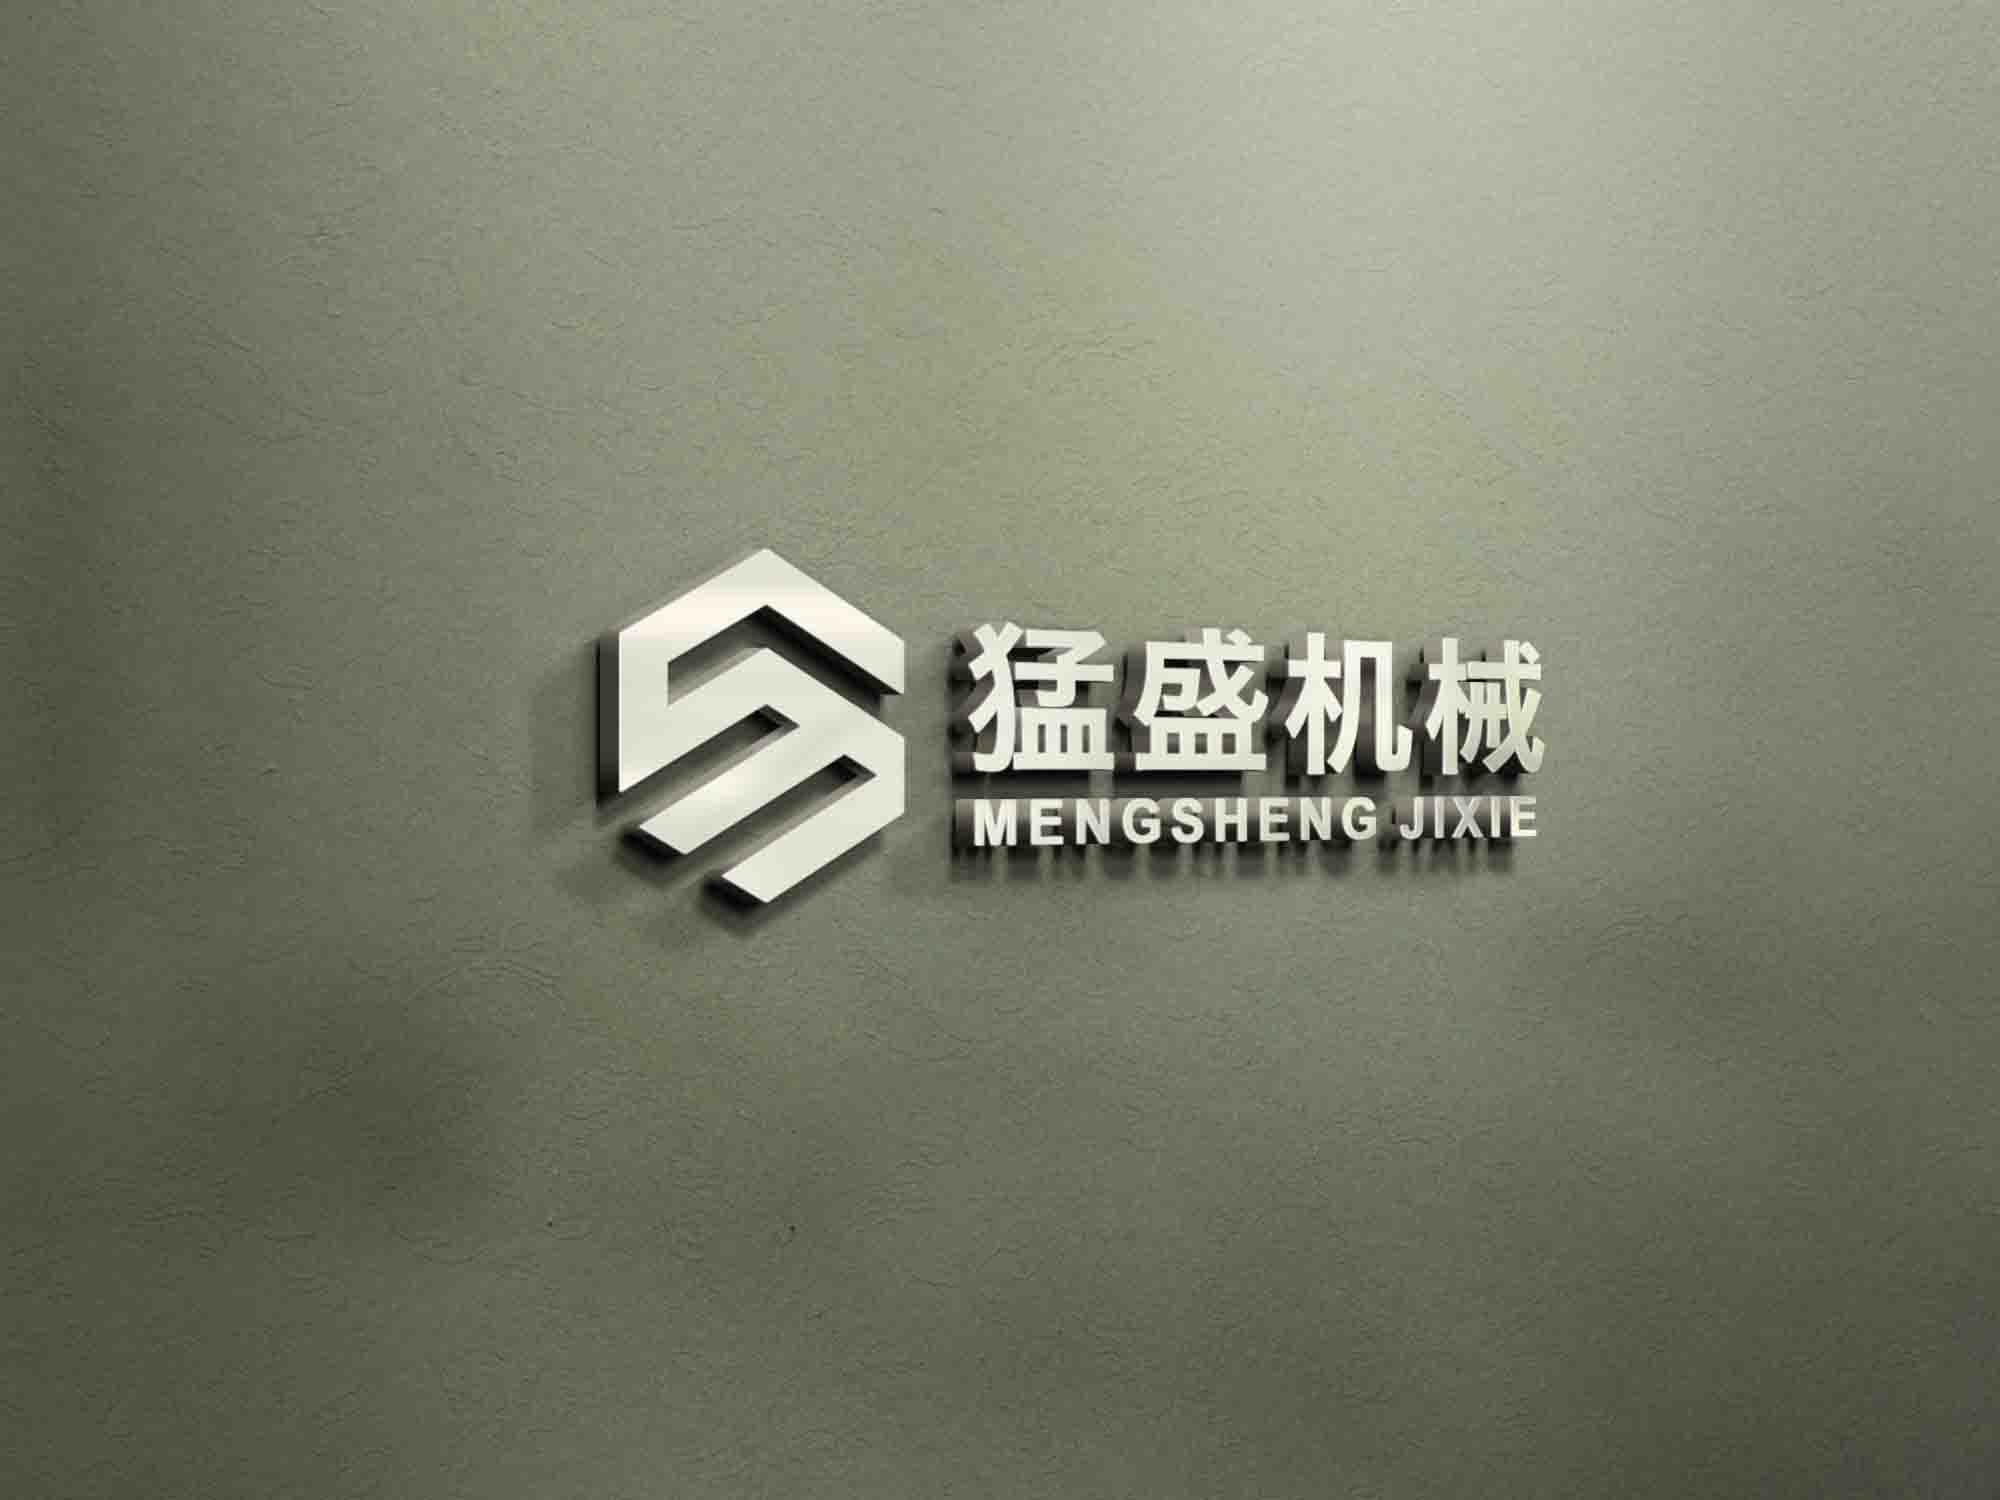 上海猛盛机械科技公司LOGO、广告语_2966111_k68威客网